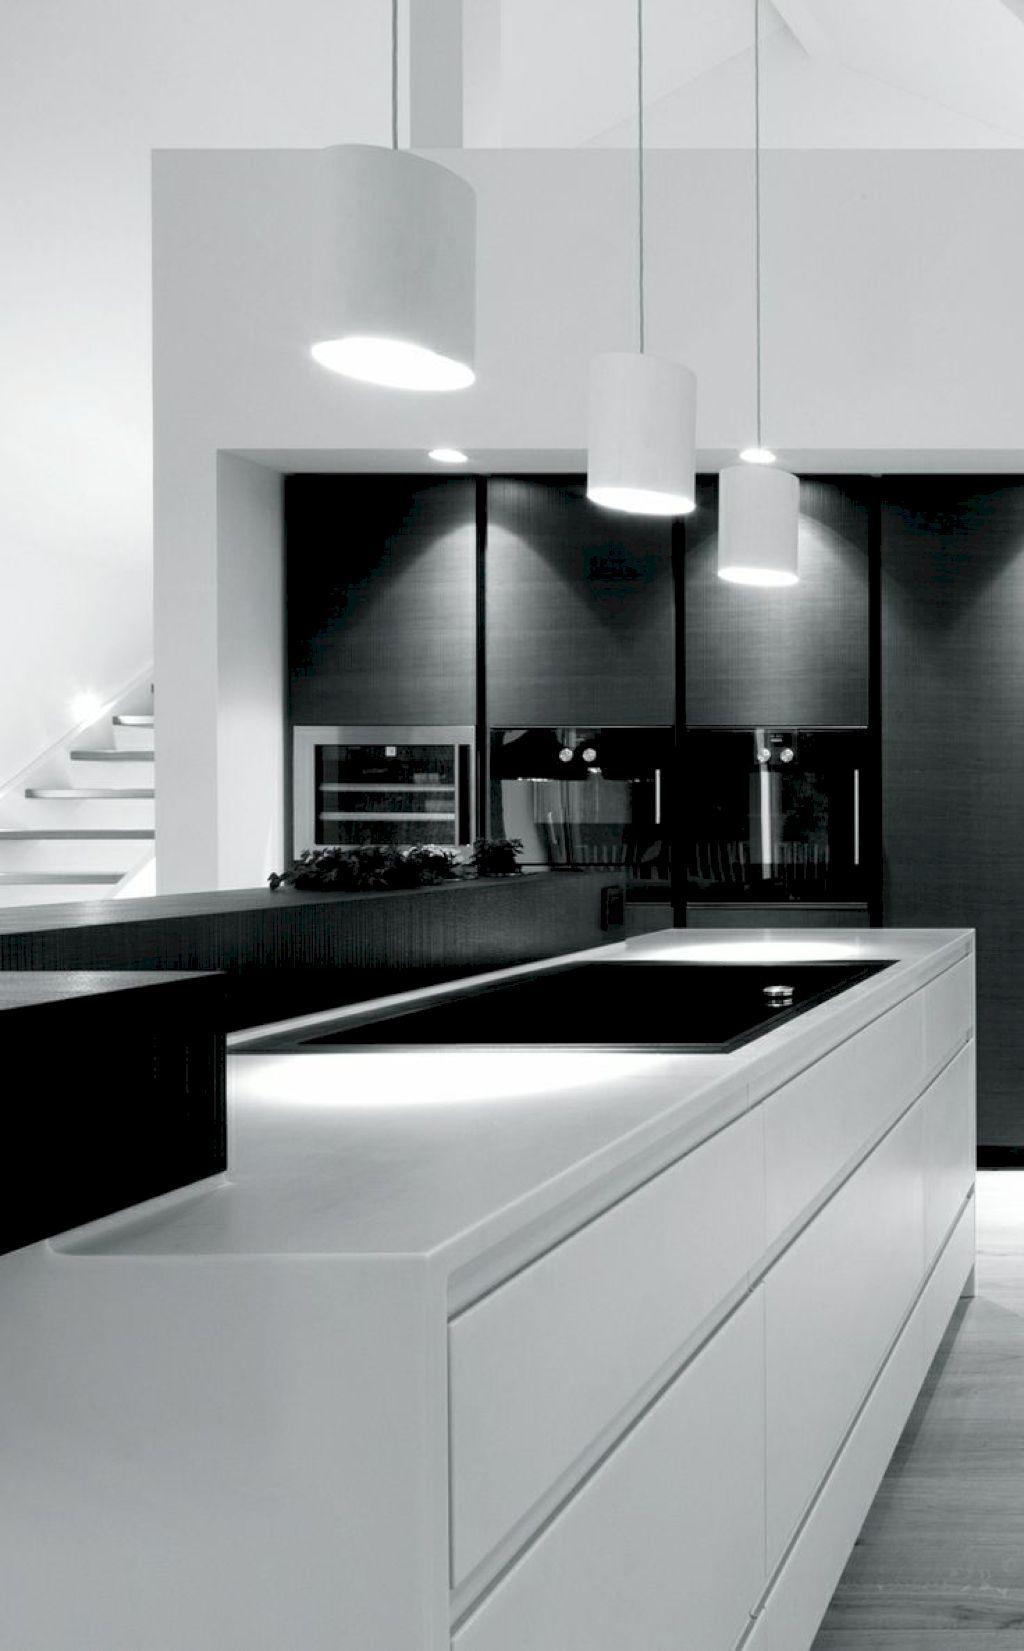 Ziemlich Hocker Für Kücheninsel Toronto Fotos - Küchenschrank Ideen ...